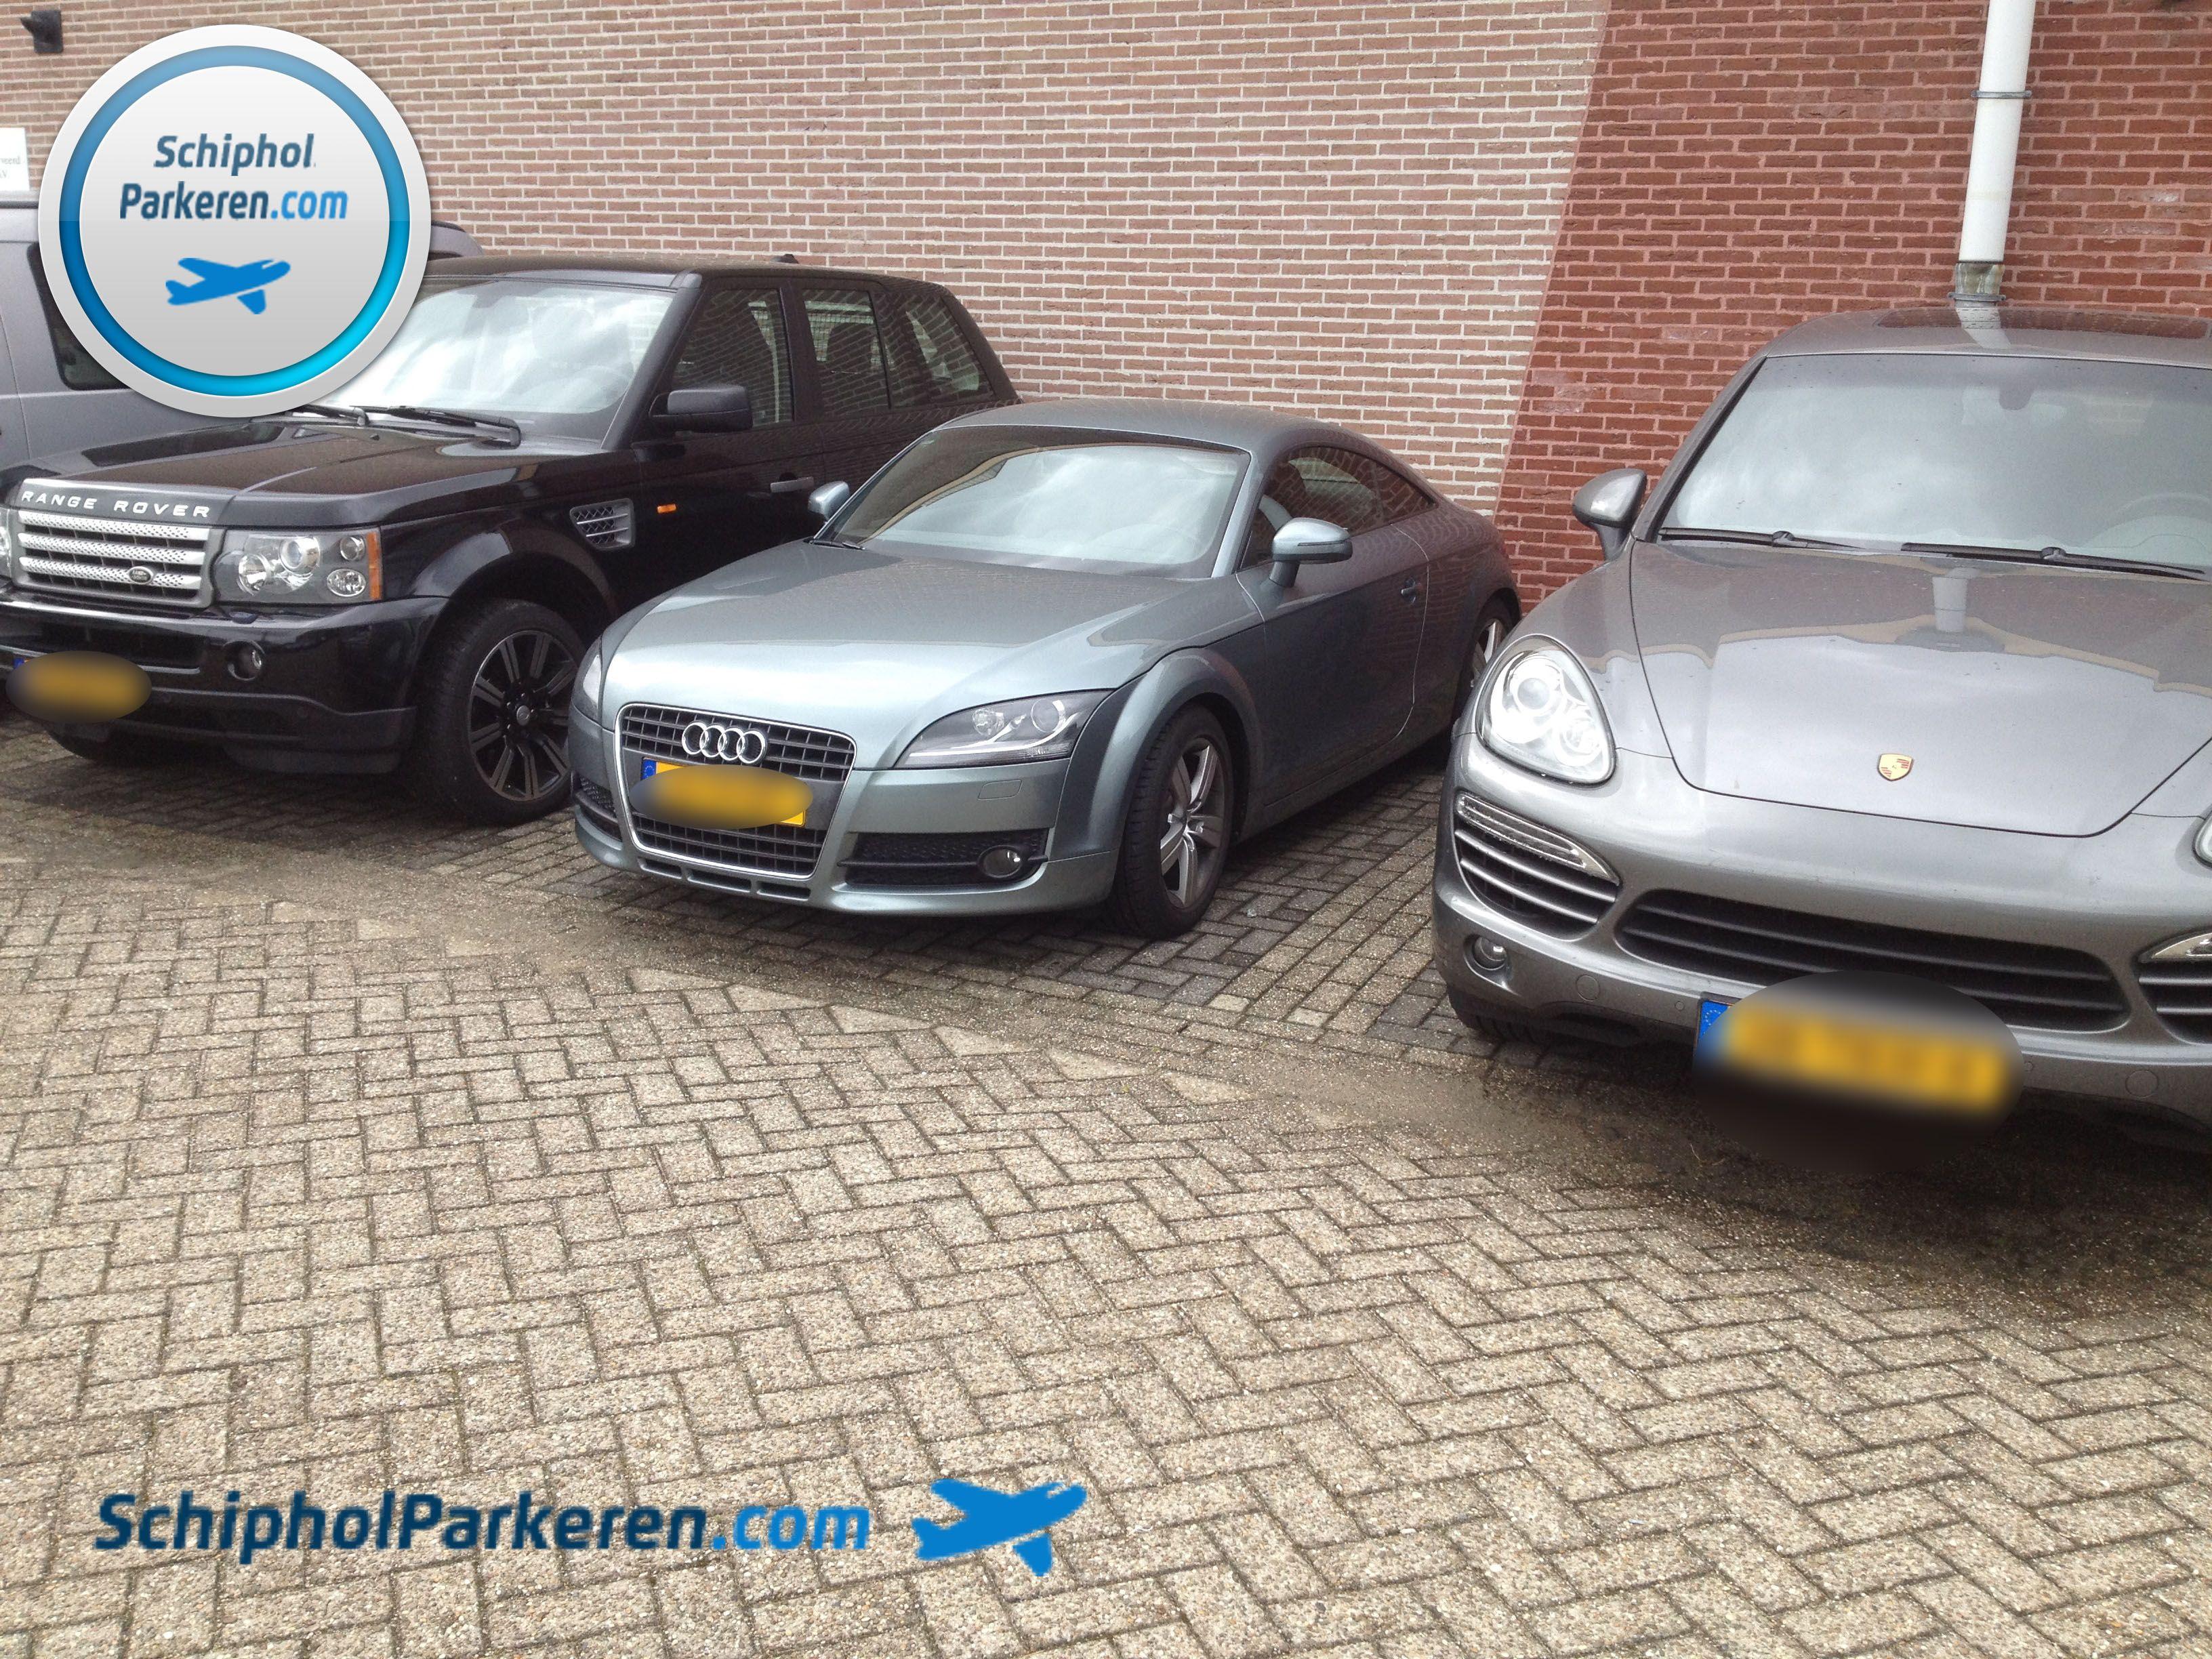 Schiphol Parkeren. Veilig Parkeren - Snel, vertrouwd en goedkoop parkeren bij Schiphol. Check: http://www.schipholparkeren.com